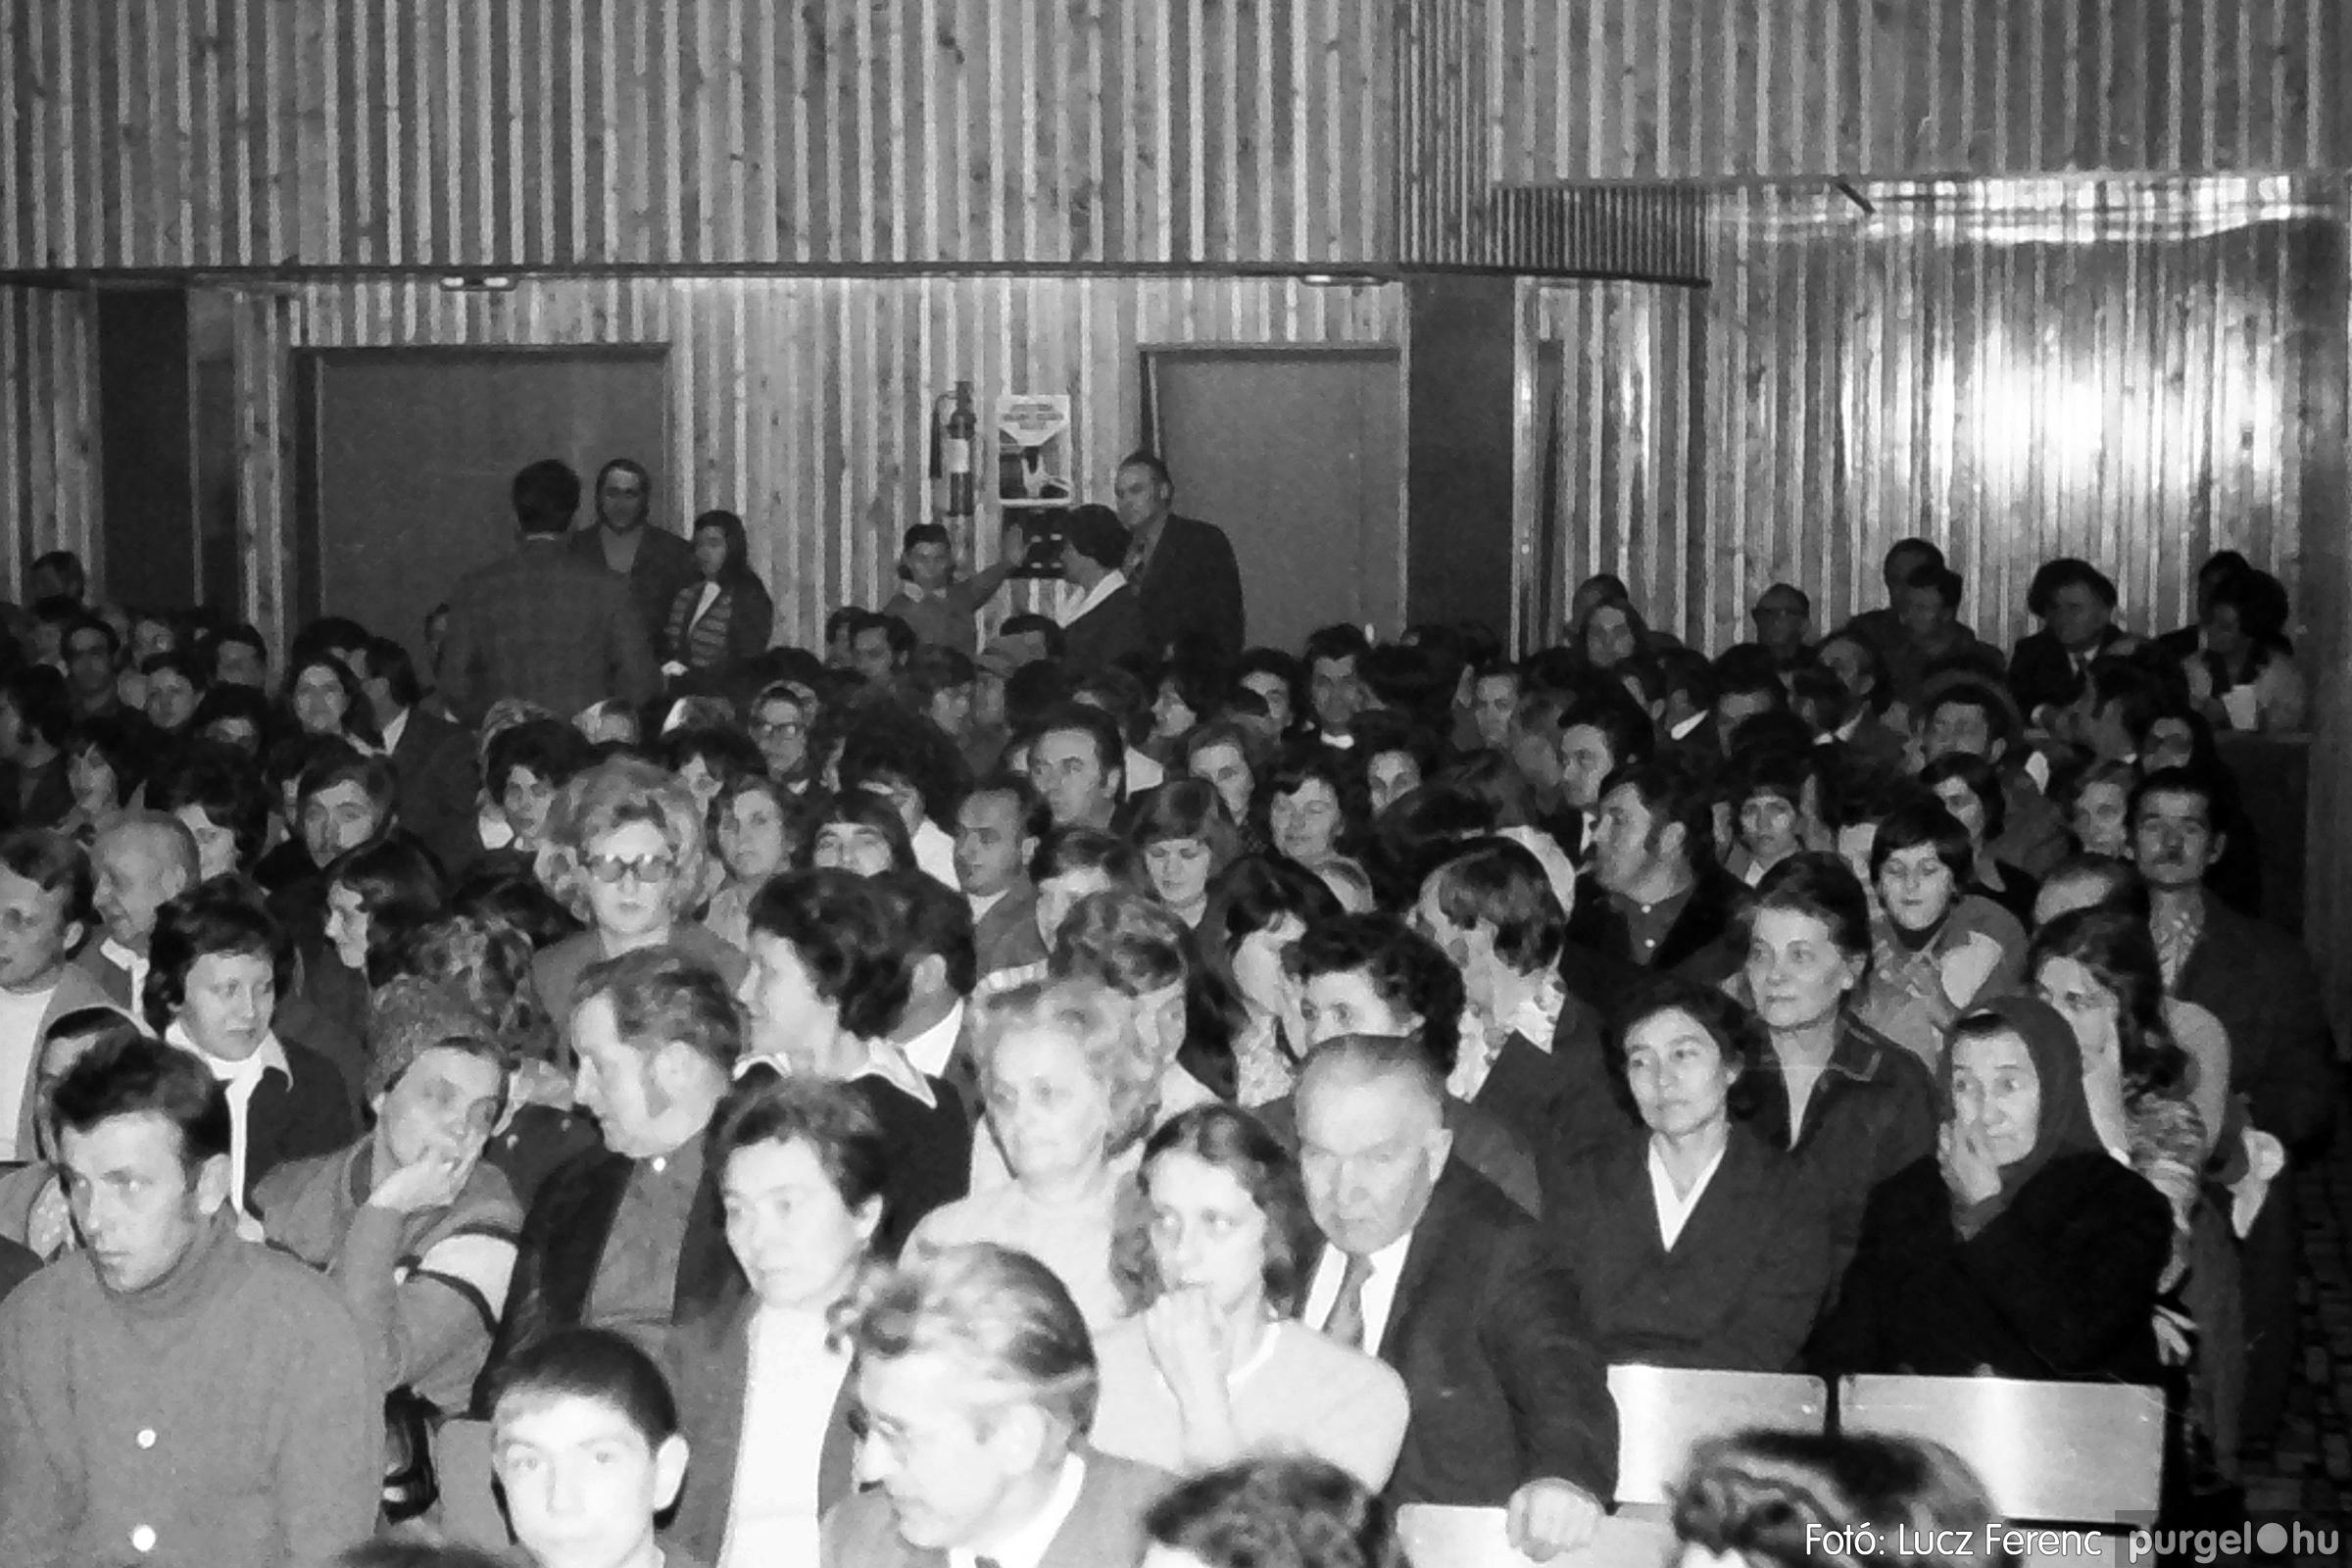 066-067. 1976. A Herkulesfürdői emlék című film ősbemutatója Szegváron 002. - Fotó: Lucz Ferenc.jpg